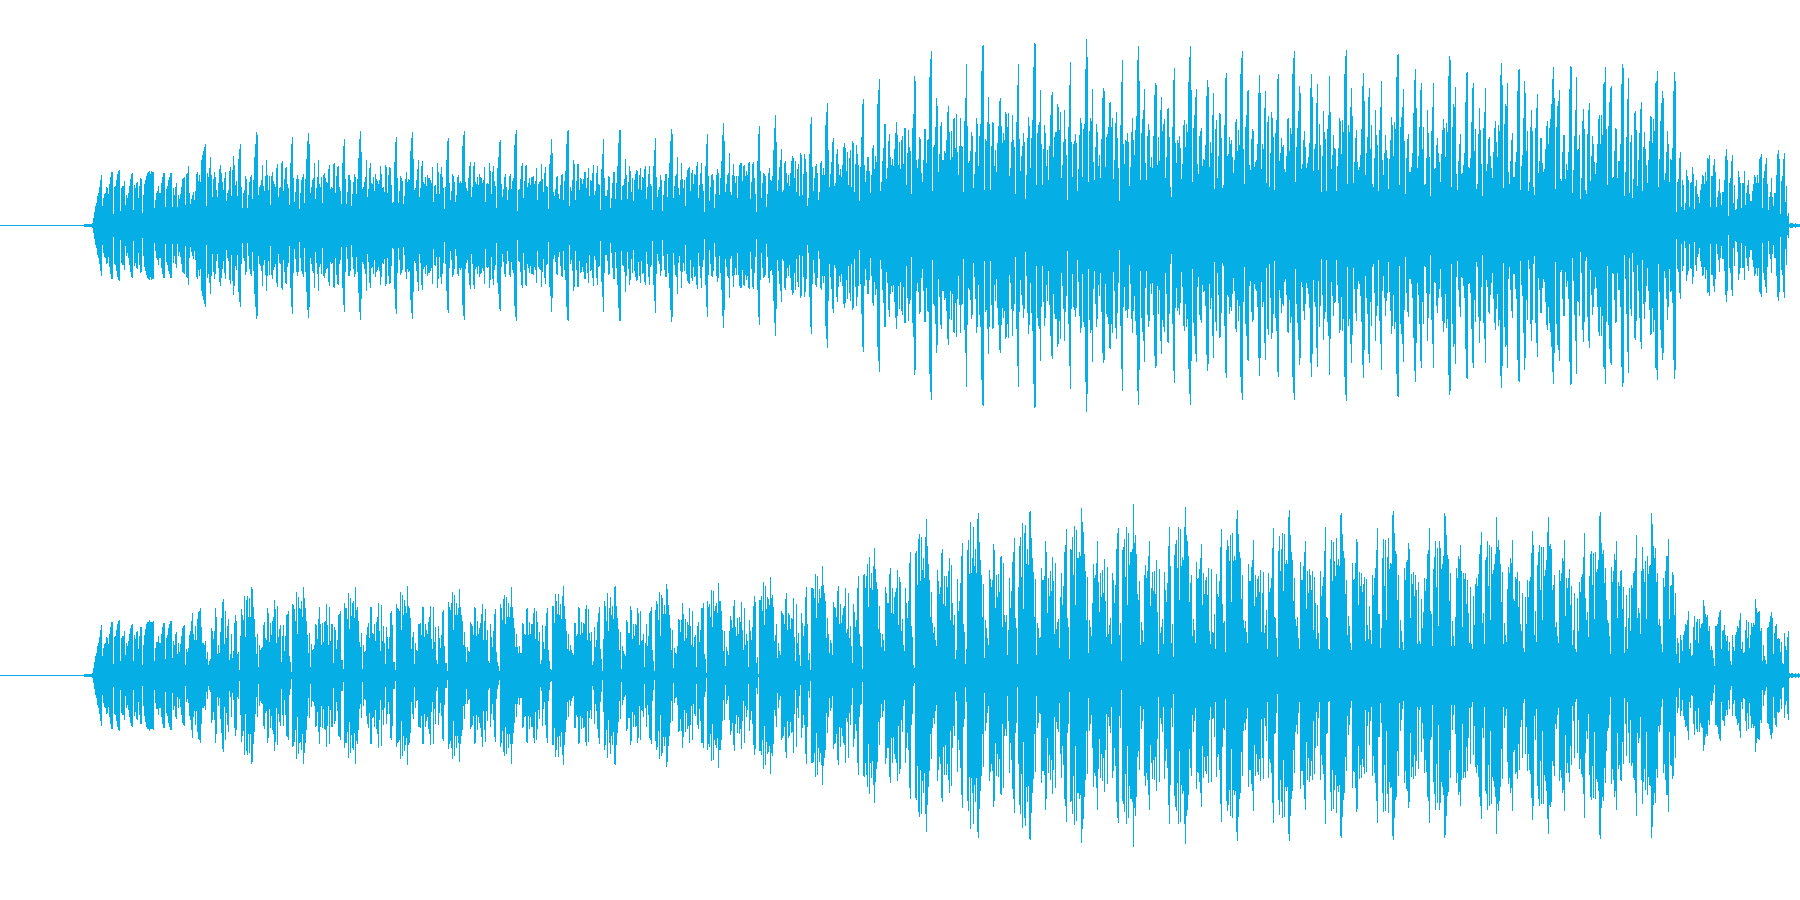 【効果音/ブー/電子音/ブザー】の再生済みの波形